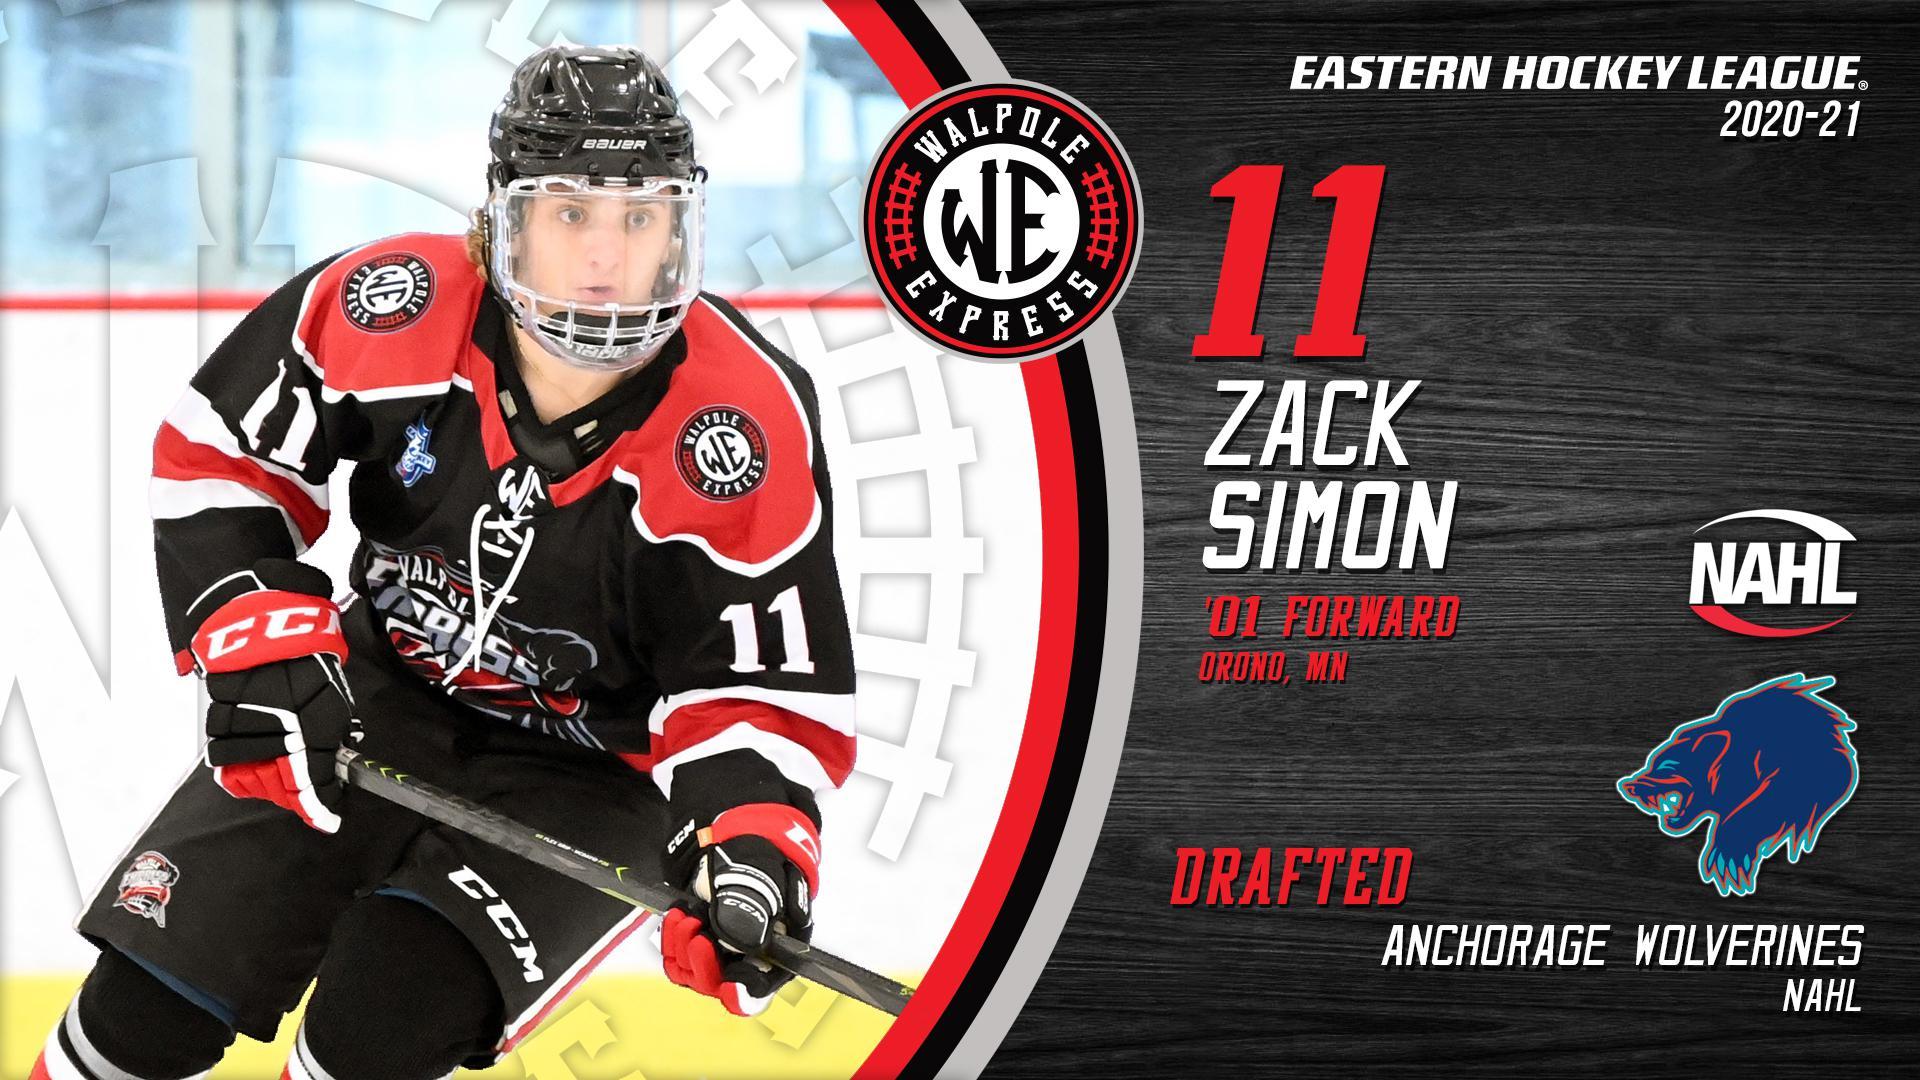 Zach Simon